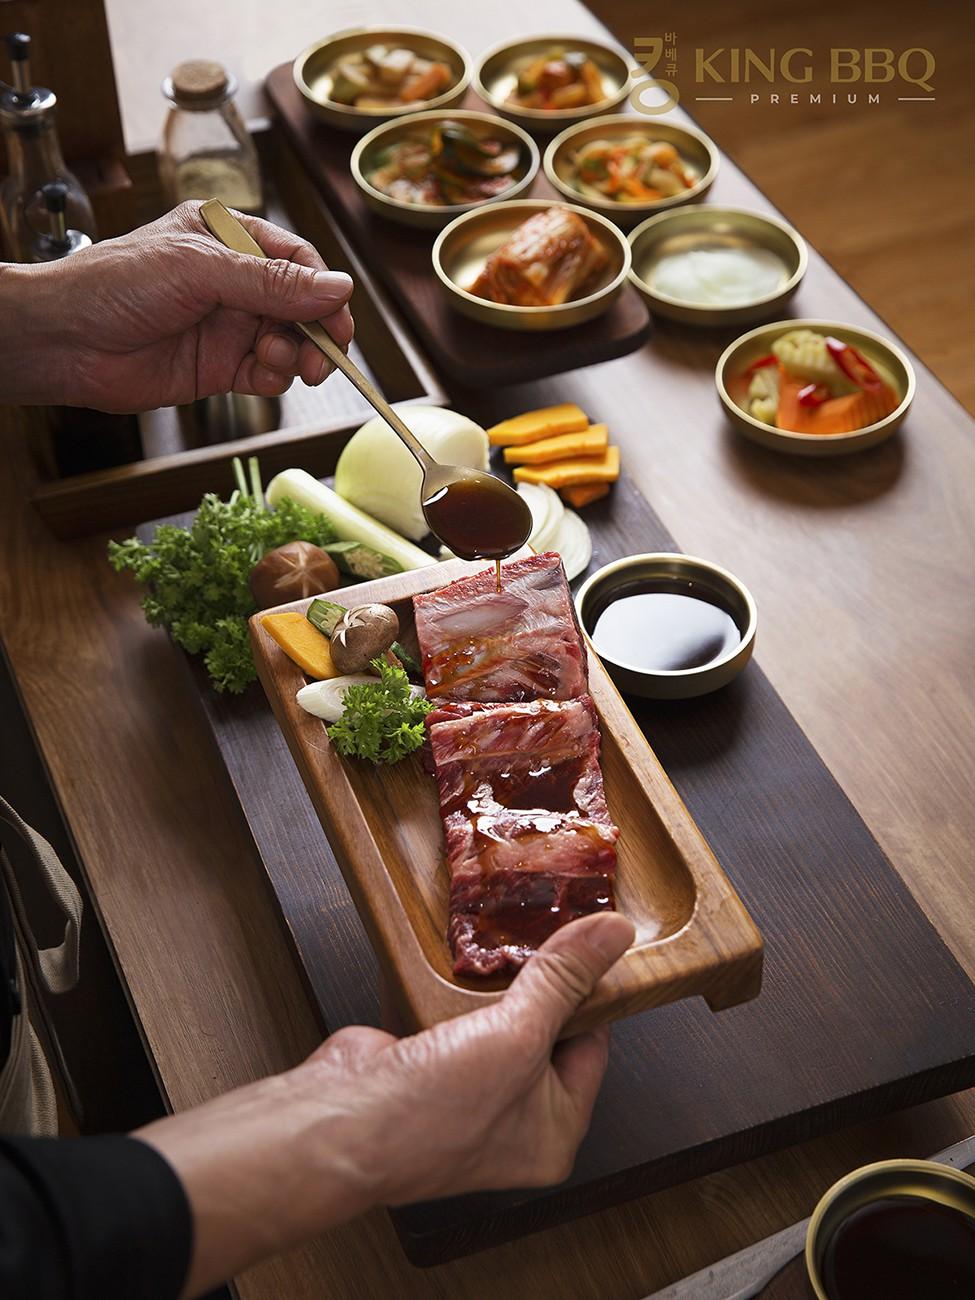 King BBQ Premium – Nhà hàng nướng cung đình Hàn Quốc cao cấp hàng đầu Việt Nam - Ảnh 2.